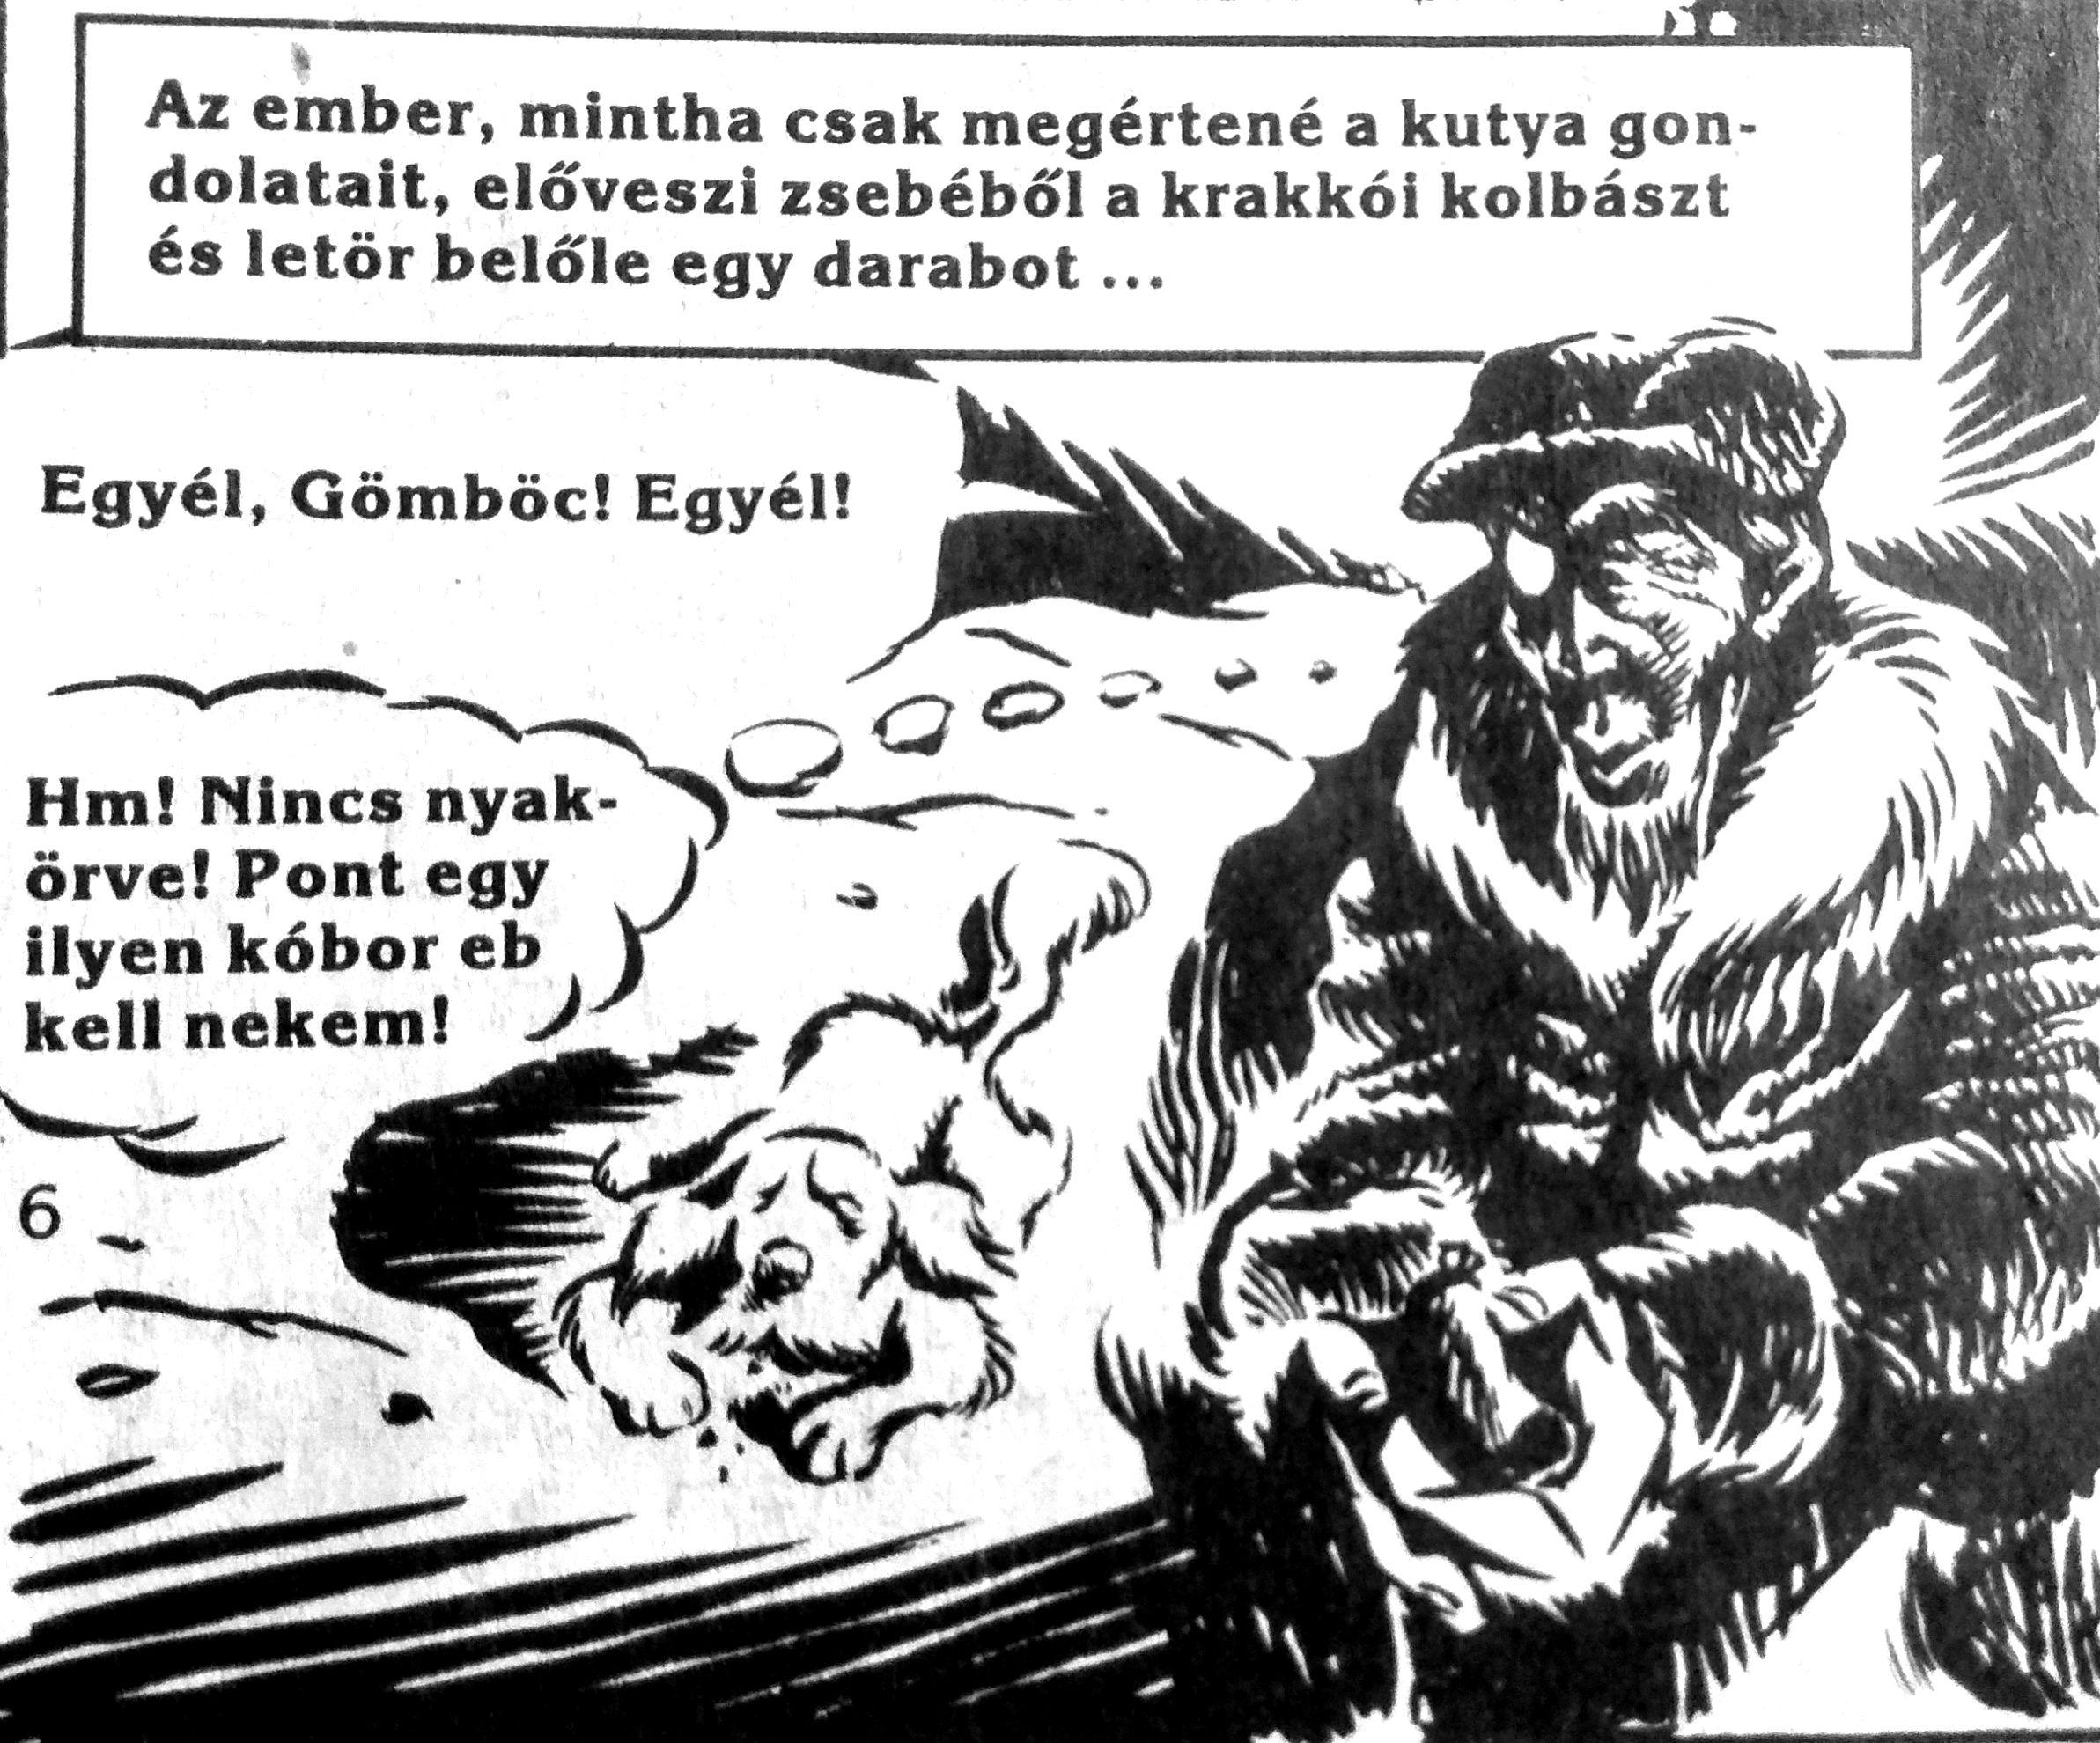 bulgakov_fekete_kutyasziv_2.jpg